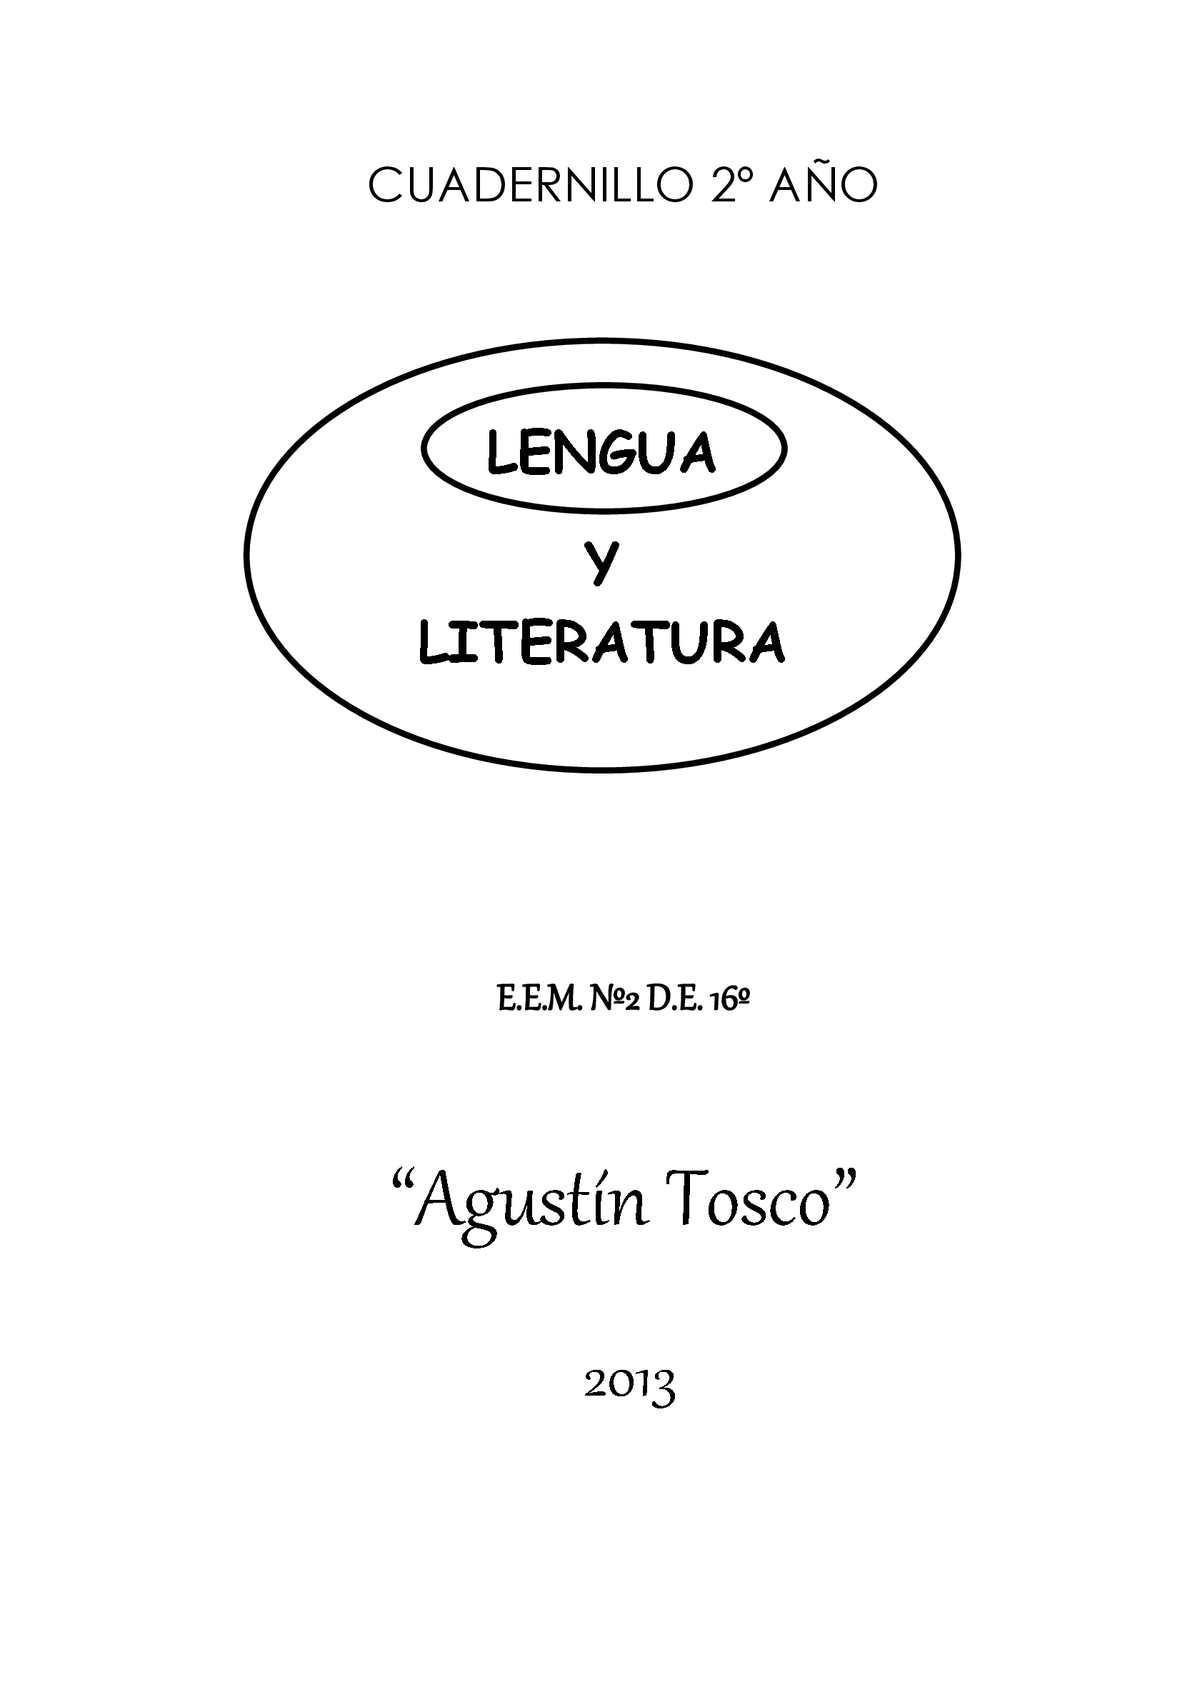 LENGUA - 2° AÑO